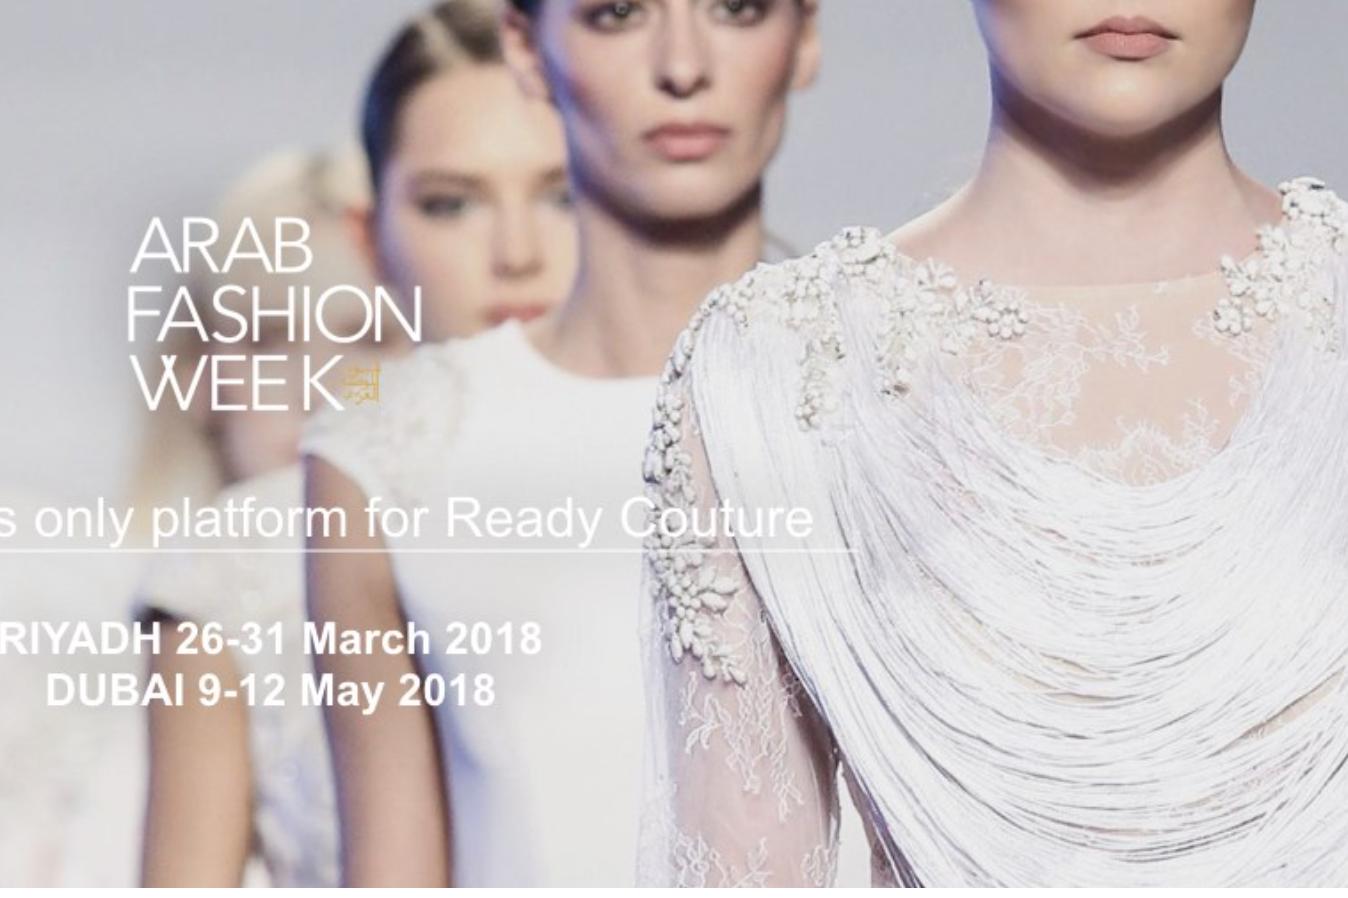 阿拉伯和英国两大时尚协会携手,将首次在沙特首都举办阿拉伯时装周